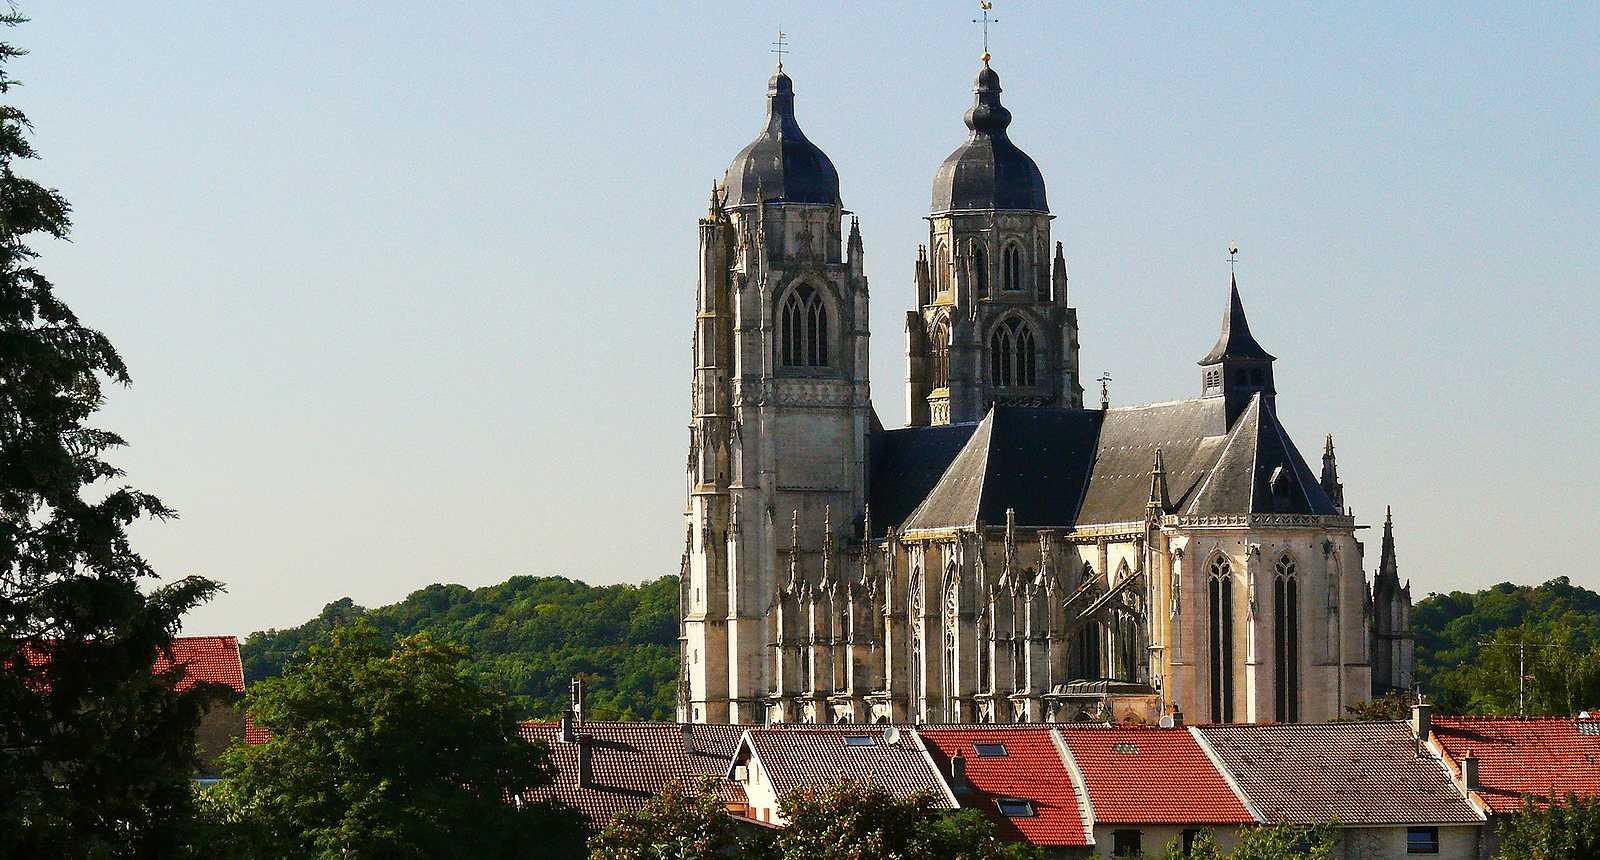 L'église Saint-Nicolas à Saint-Nicolas-de-Port